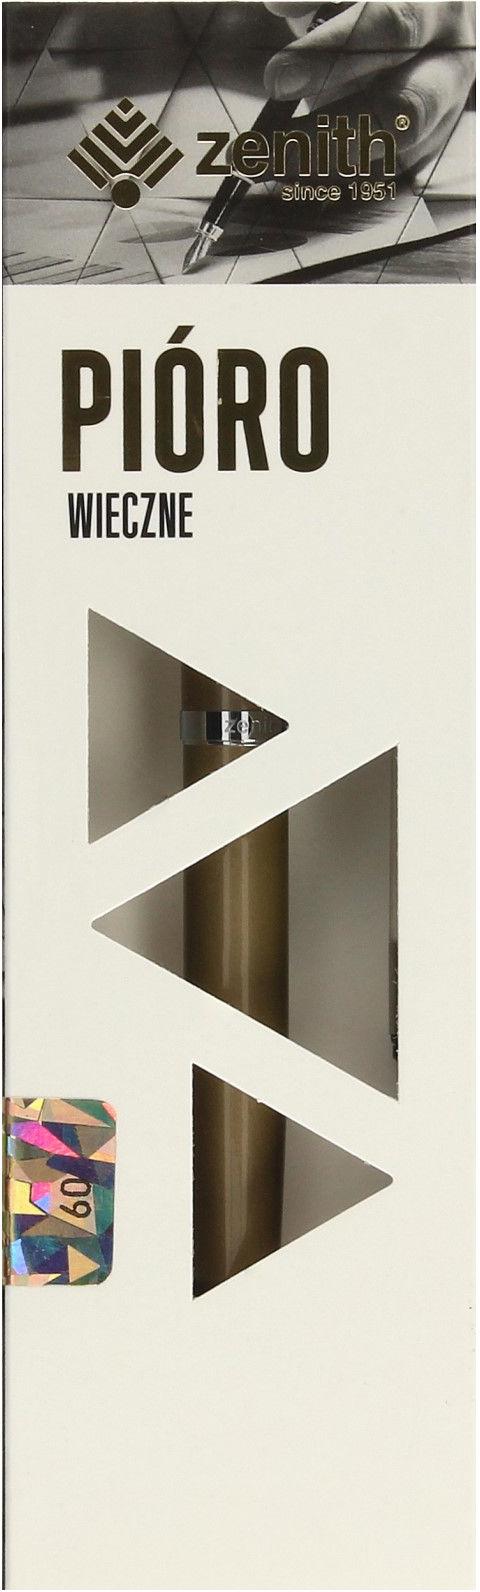 Pióro wieczne metalowe Elegance złoto Zenith 07600103